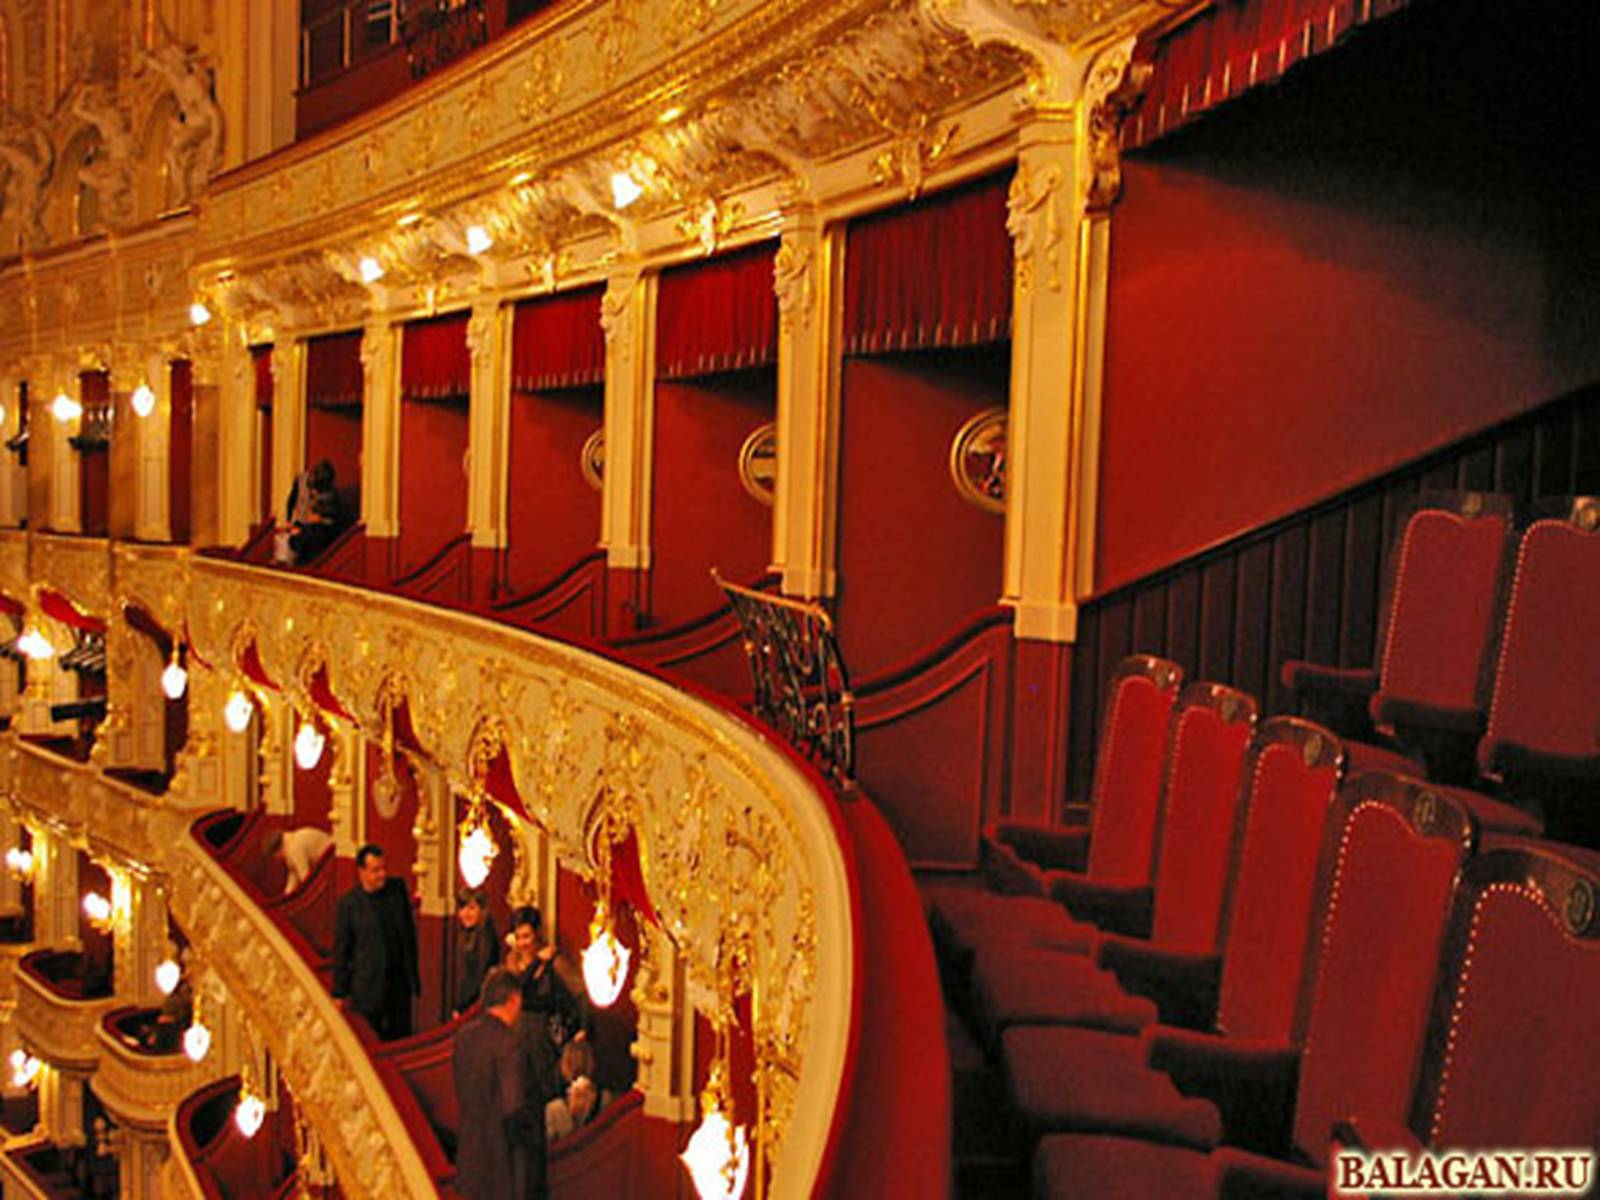 Кресла театральные, цена - 10 грн, запорожье, б/у, объявлени.